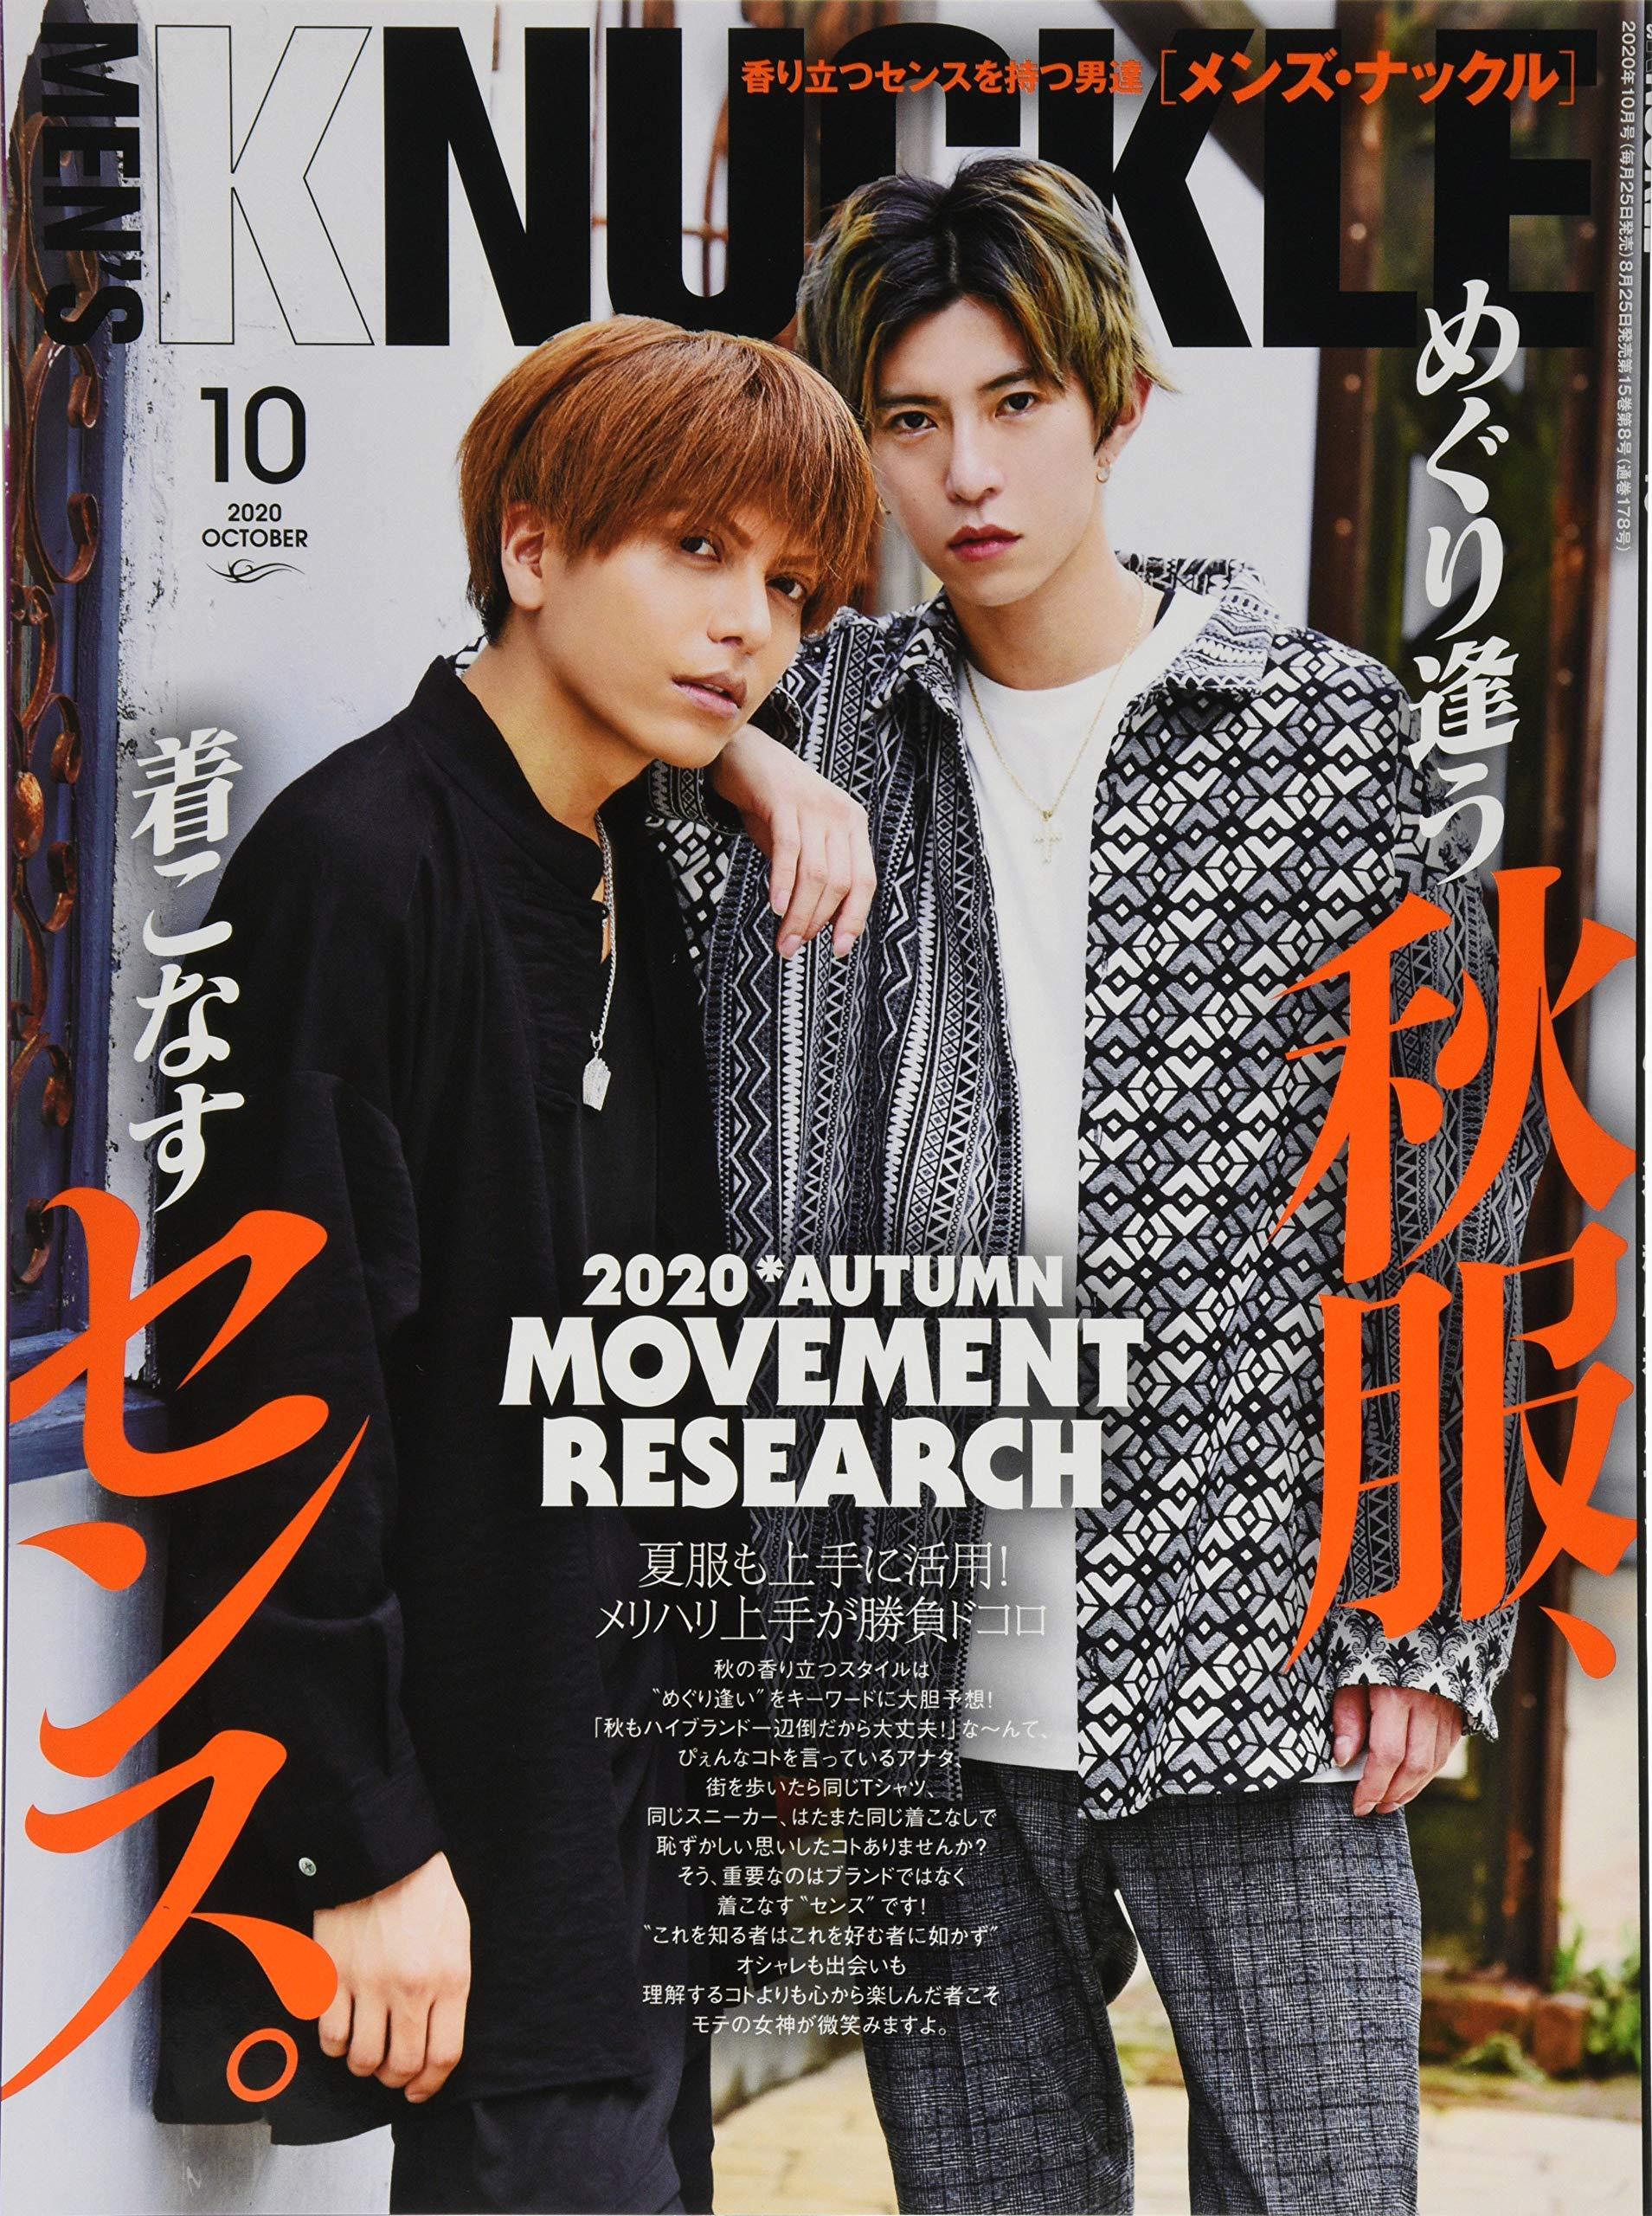 MEN'S雑誌「MEN'S KNUCKLE(メンズナックル) 2020年 10 月号」